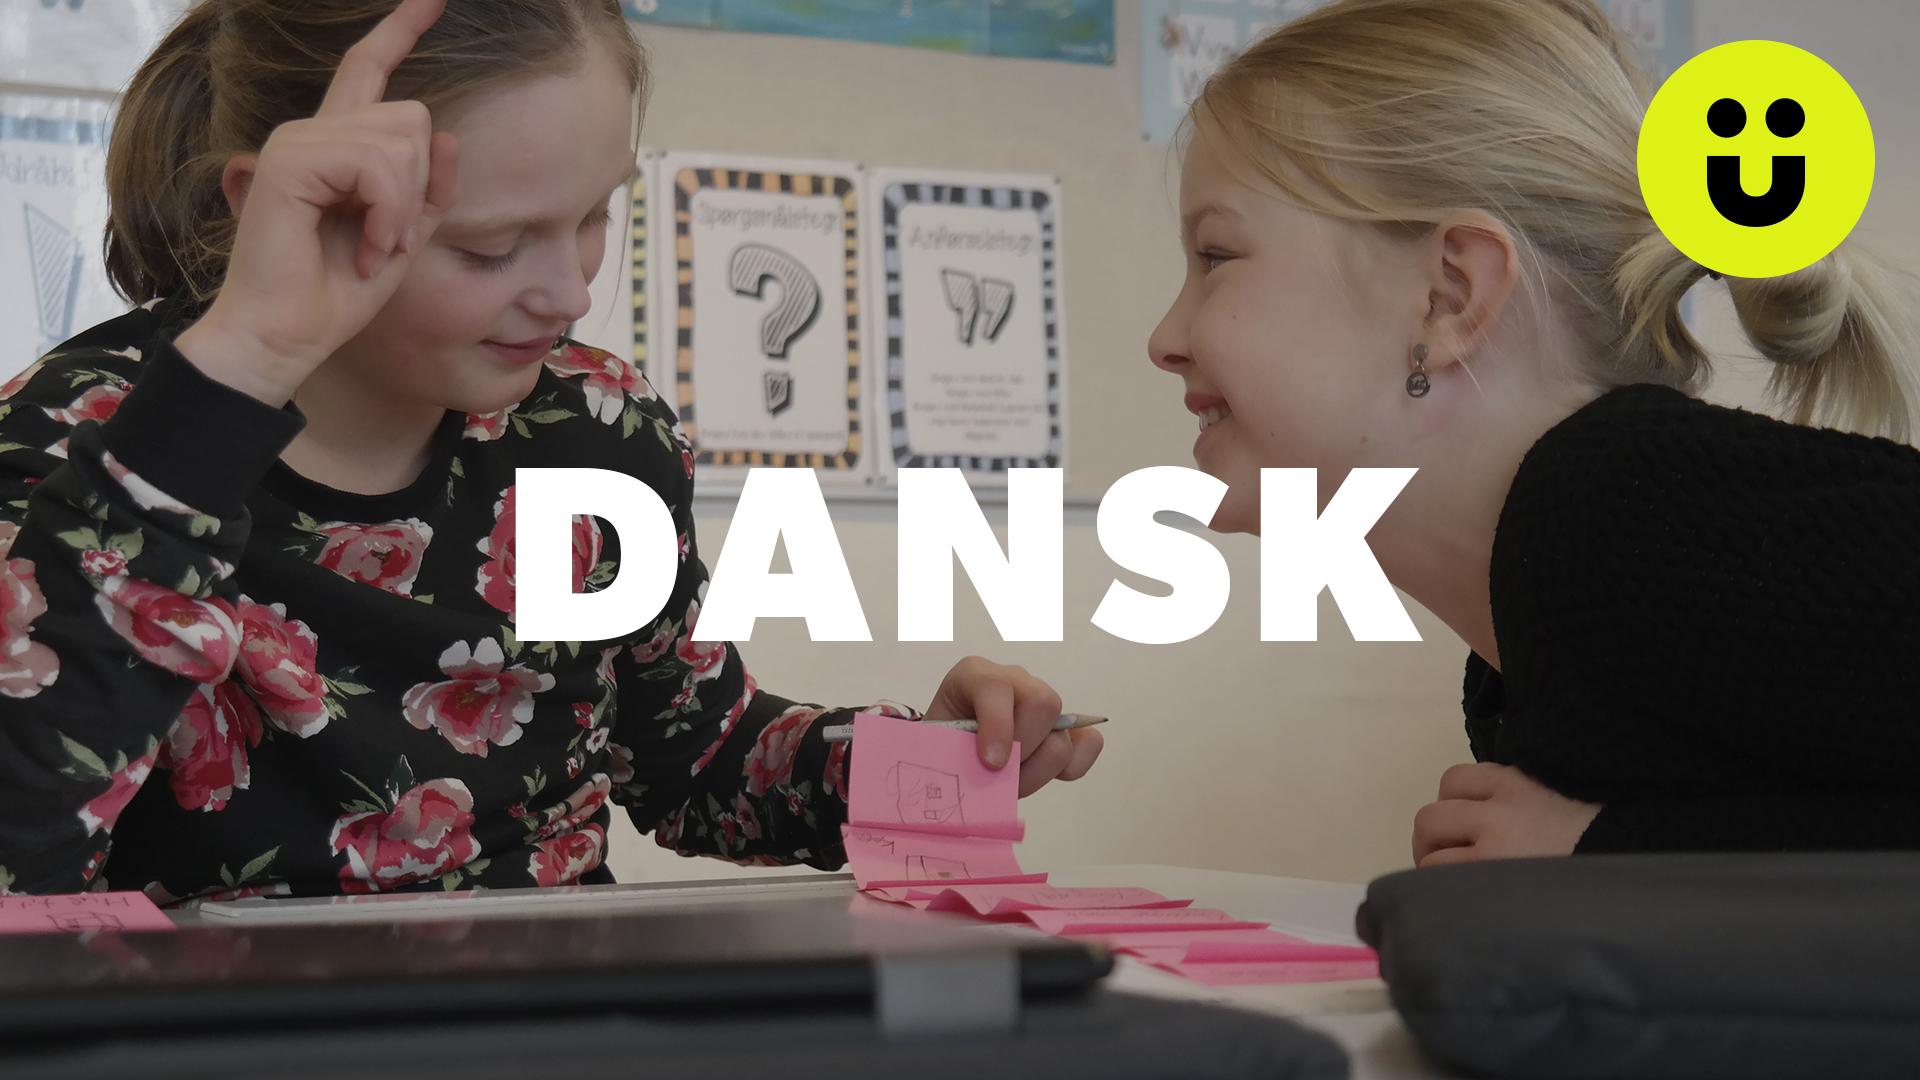 dansk.jpg